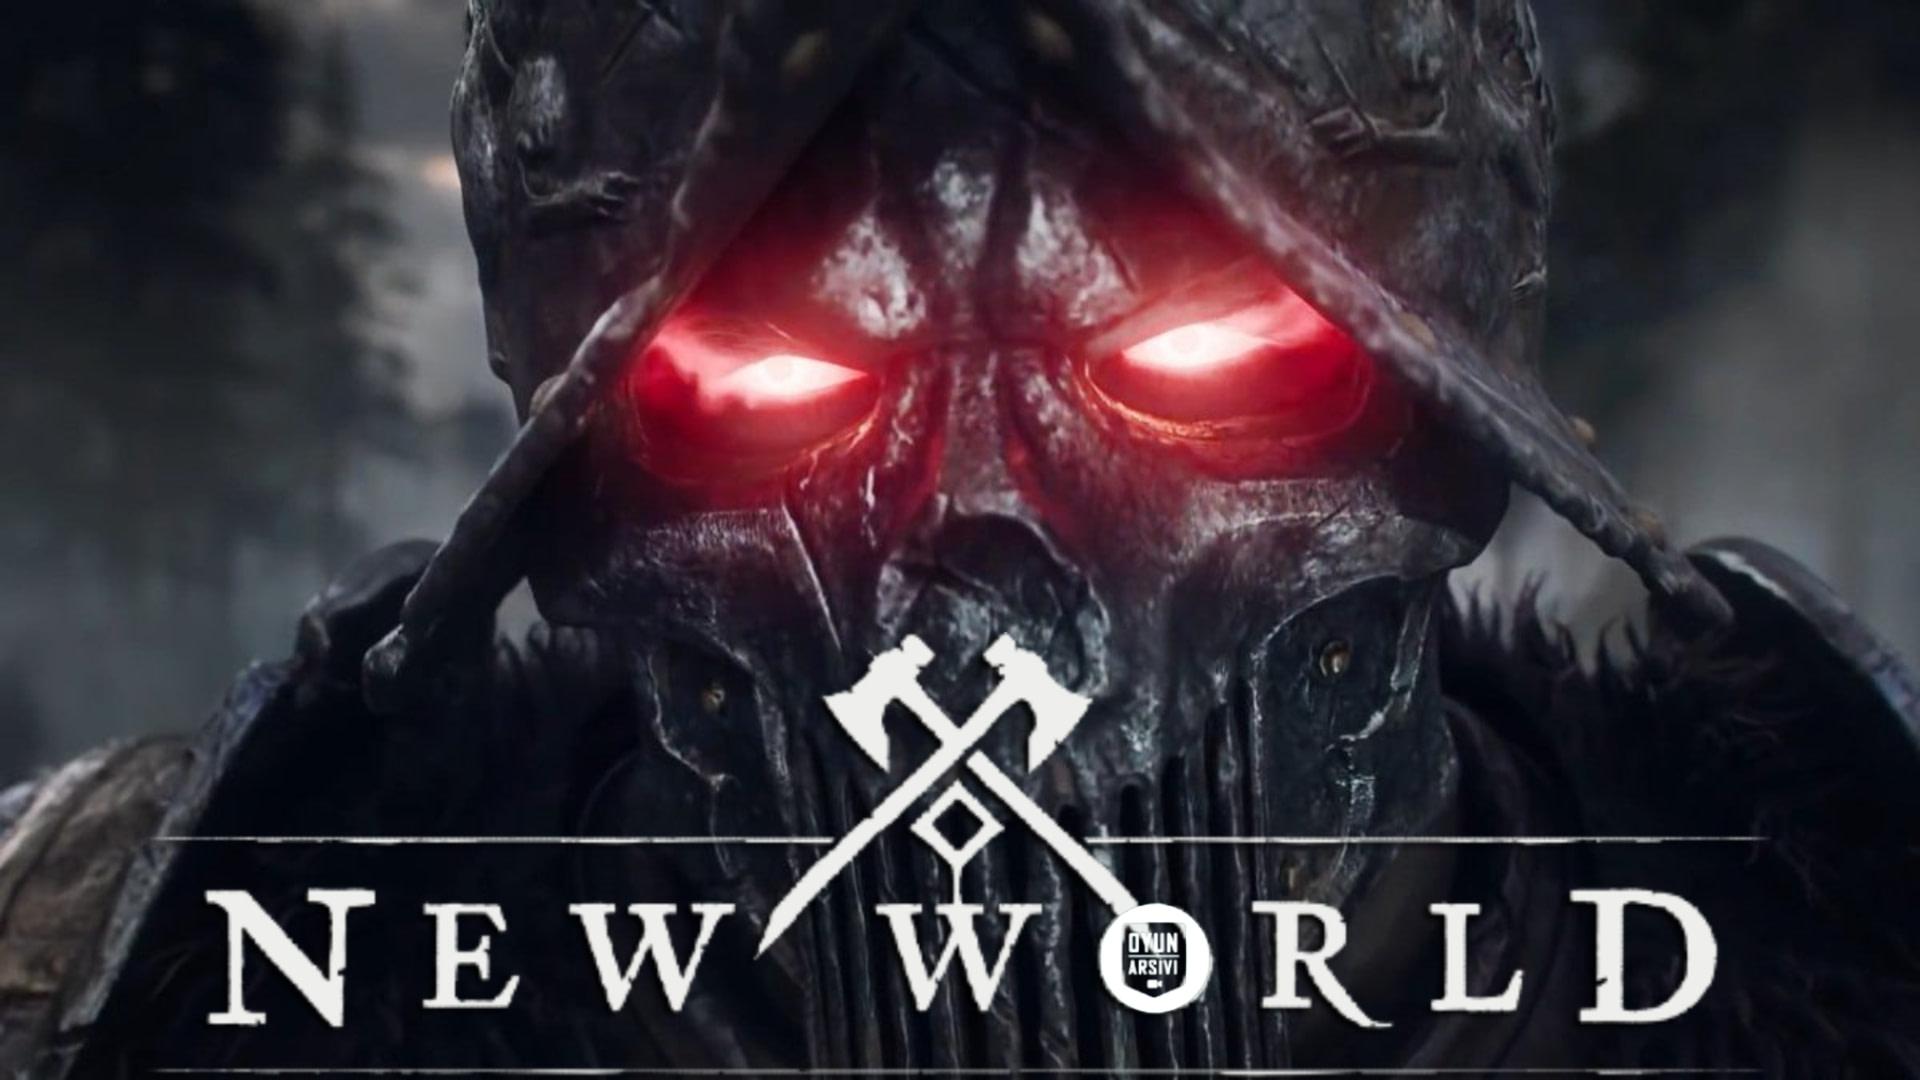 New World Çıkış Tarihi 28 Eylül Oyun Arşivi